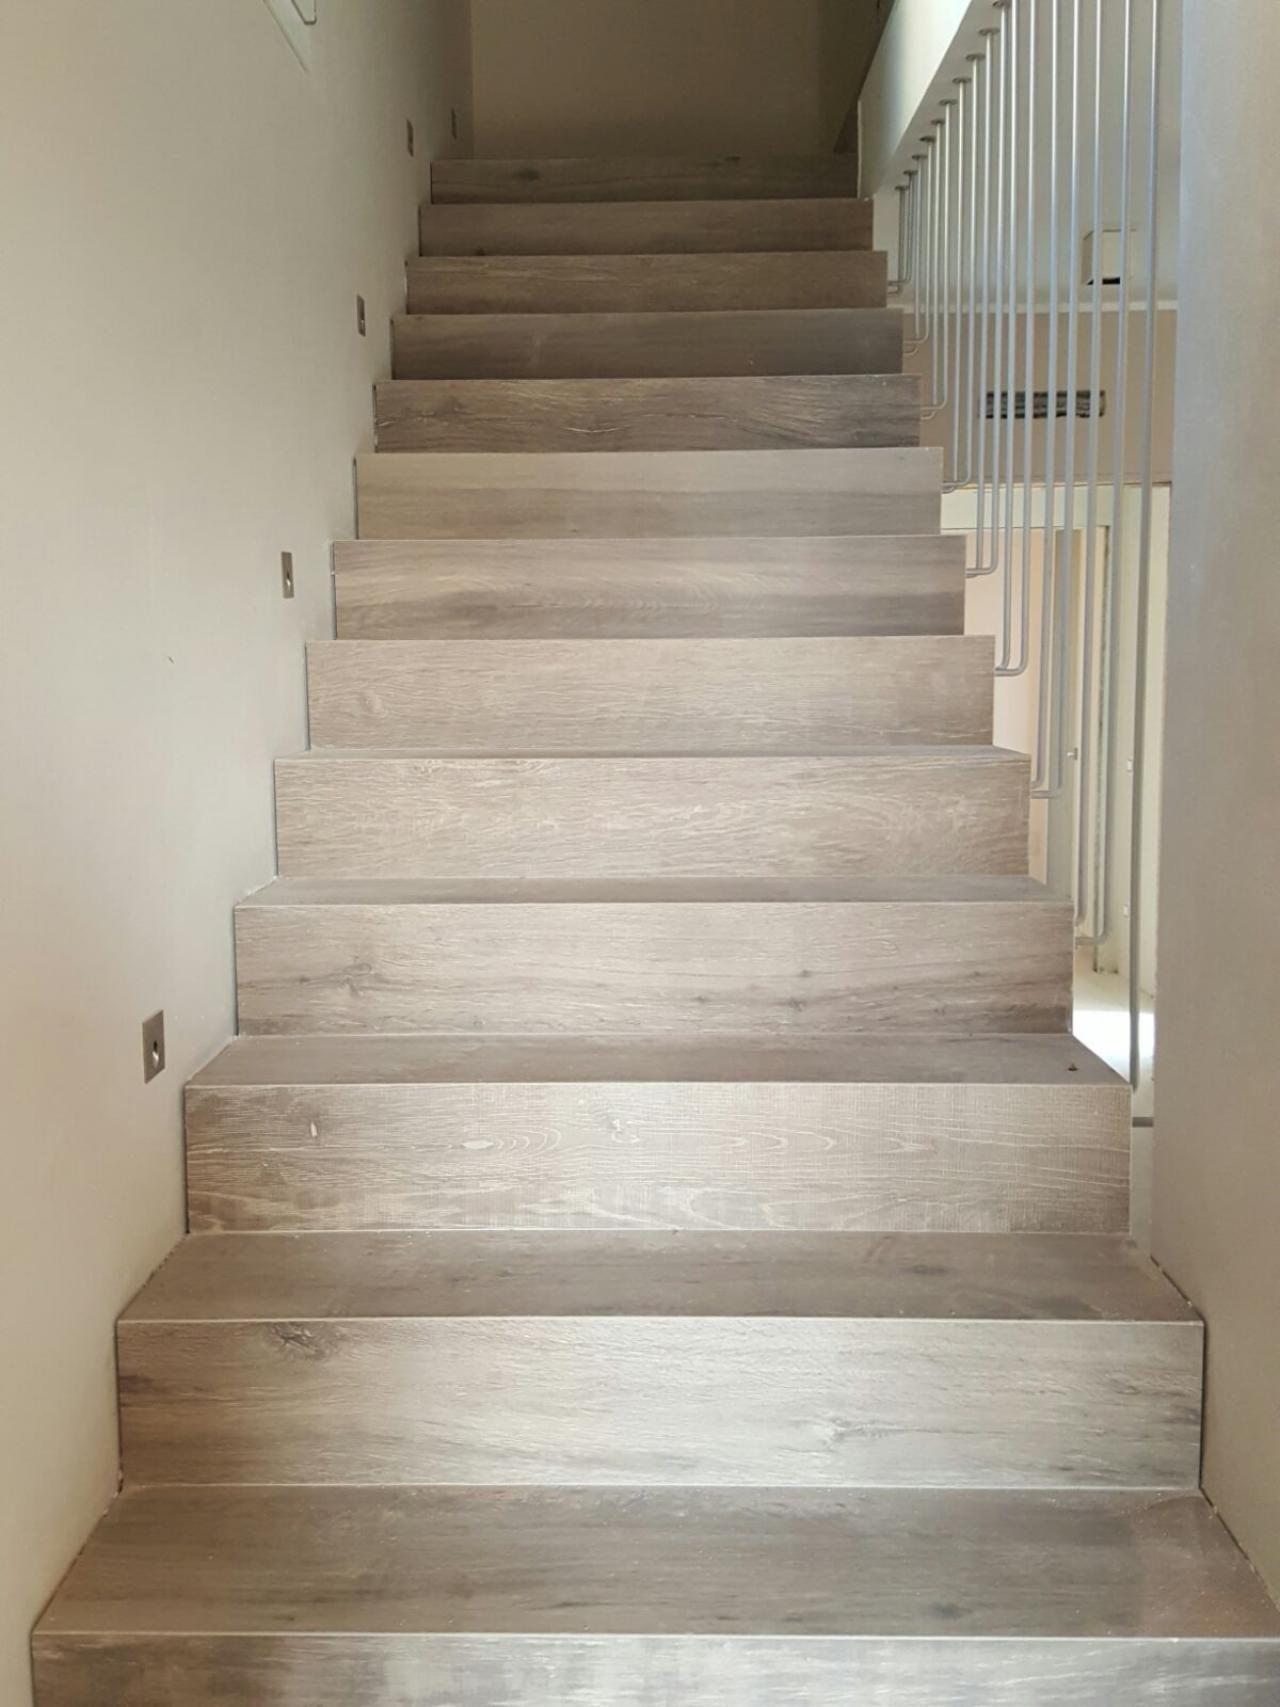 Rivestimenti Scale Interne Gres Porcellanato scala interna di casa: legno, marmo, gres, pietra